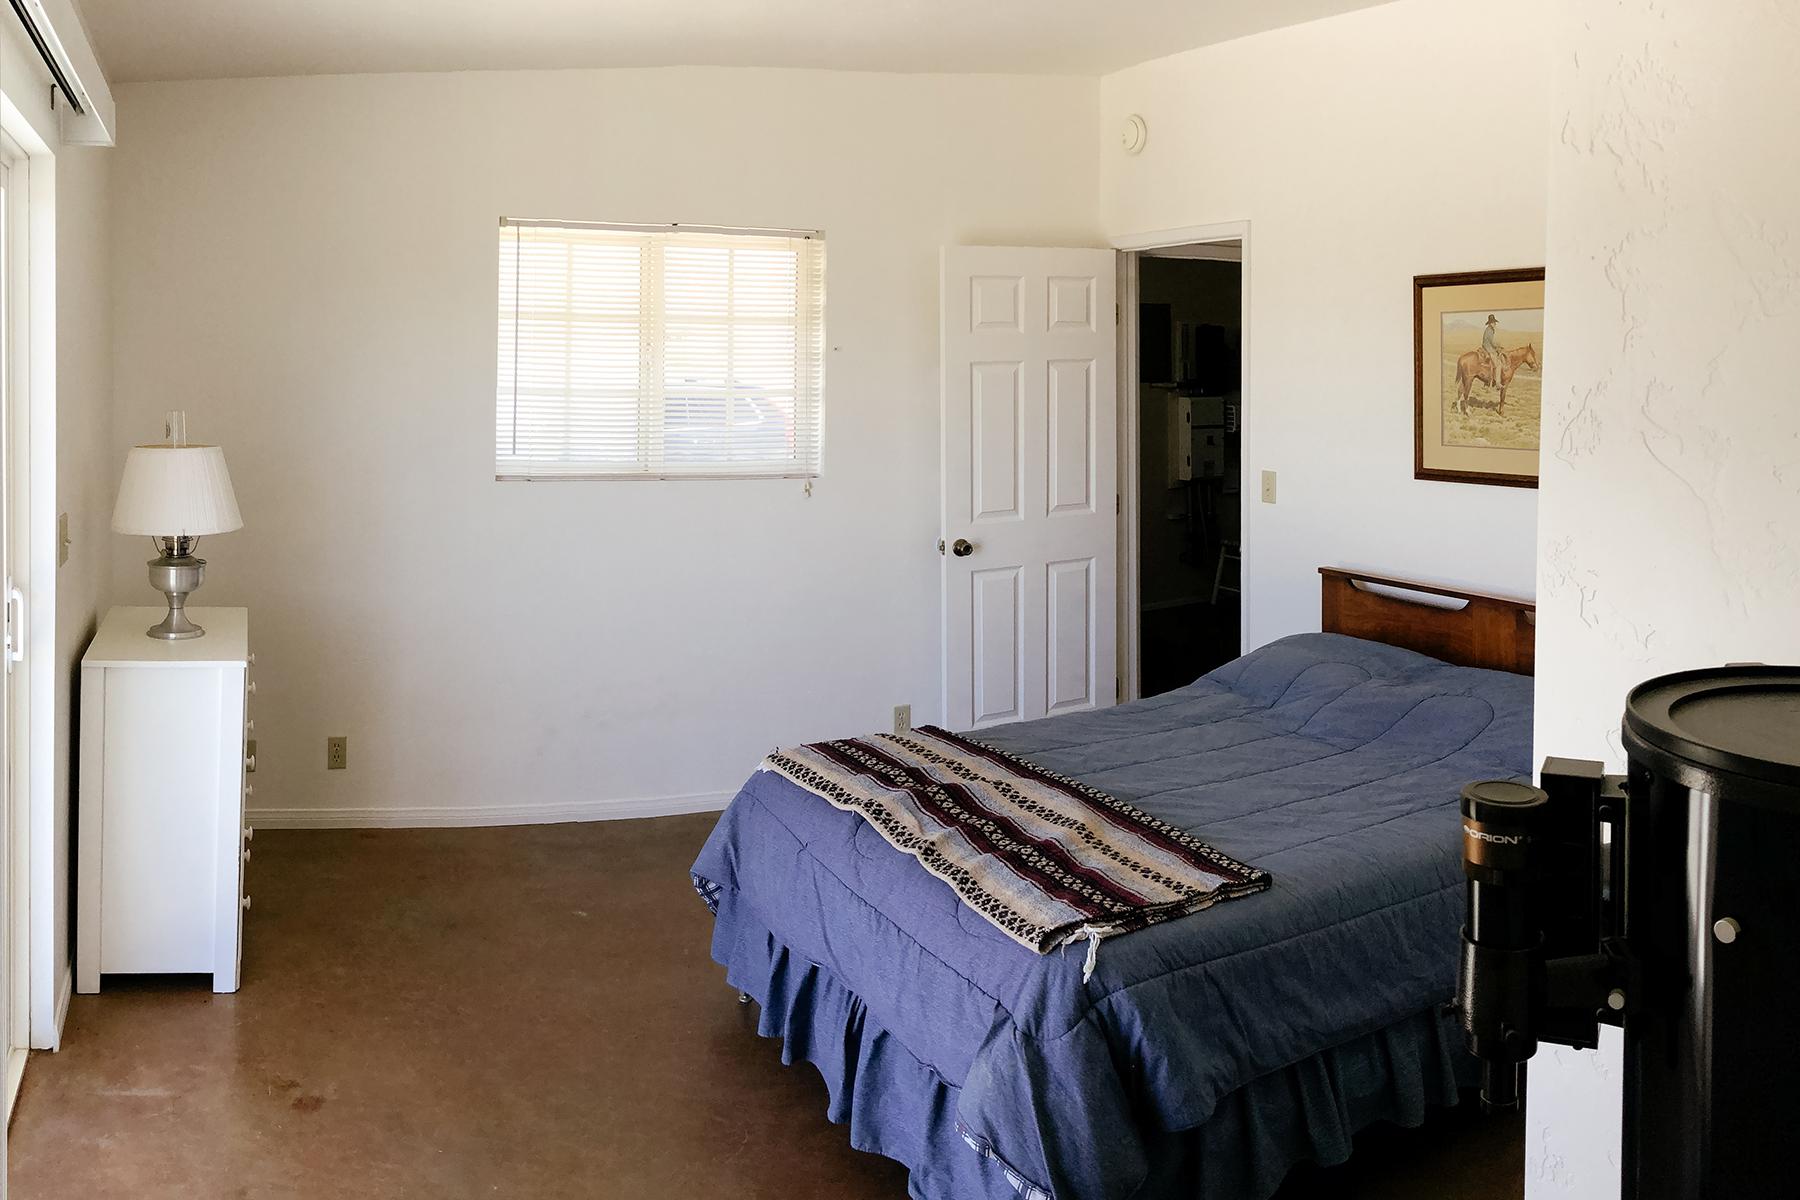 Bedroom-Before.jpg